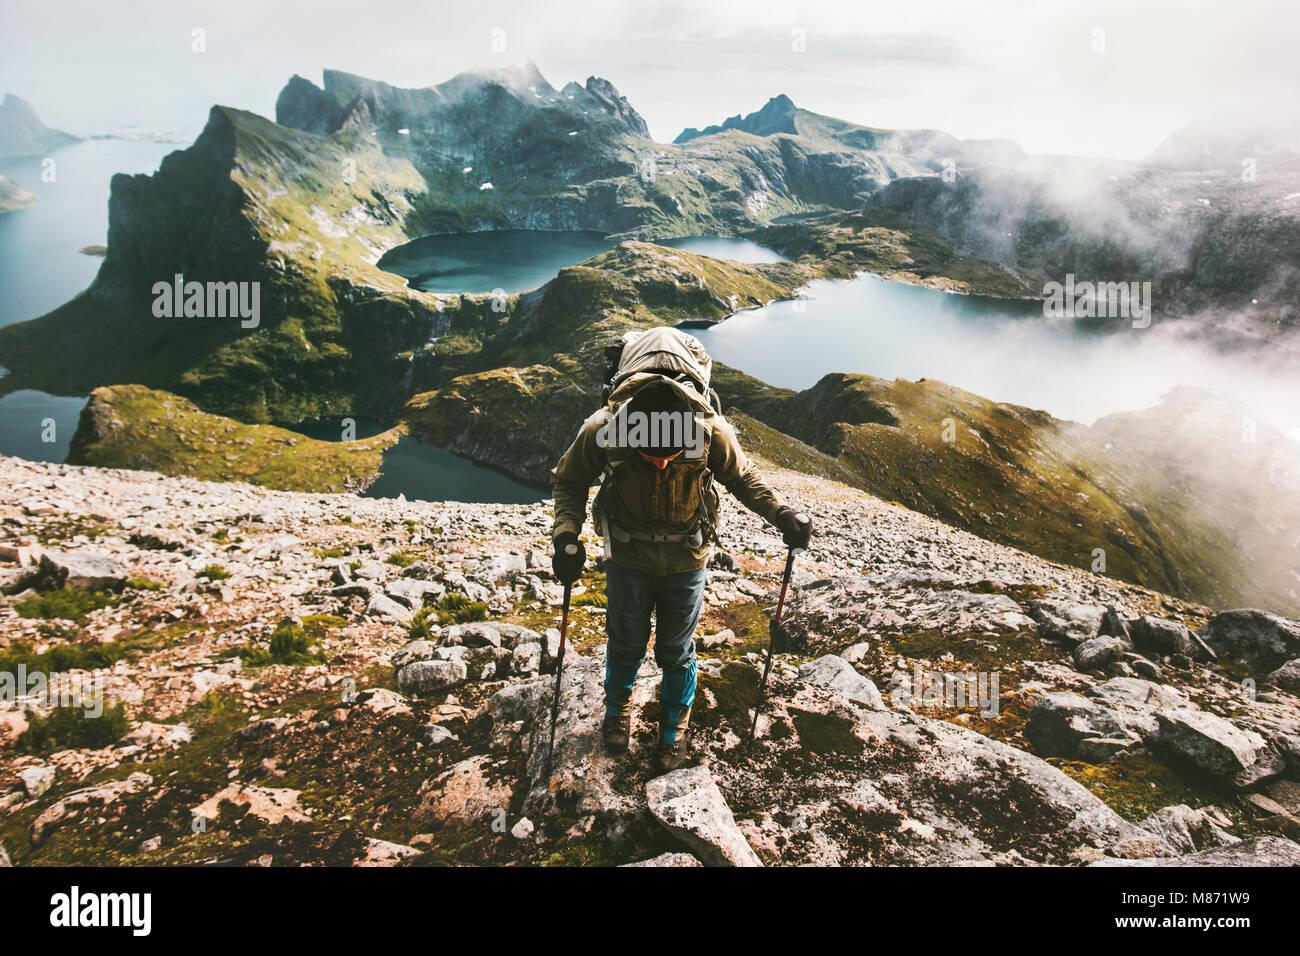 Uomo di viaggiatori la scalata al monte Hermannsdalstinden top in Norvegia viaggiare lifestyle adventure concept Immagini Stock